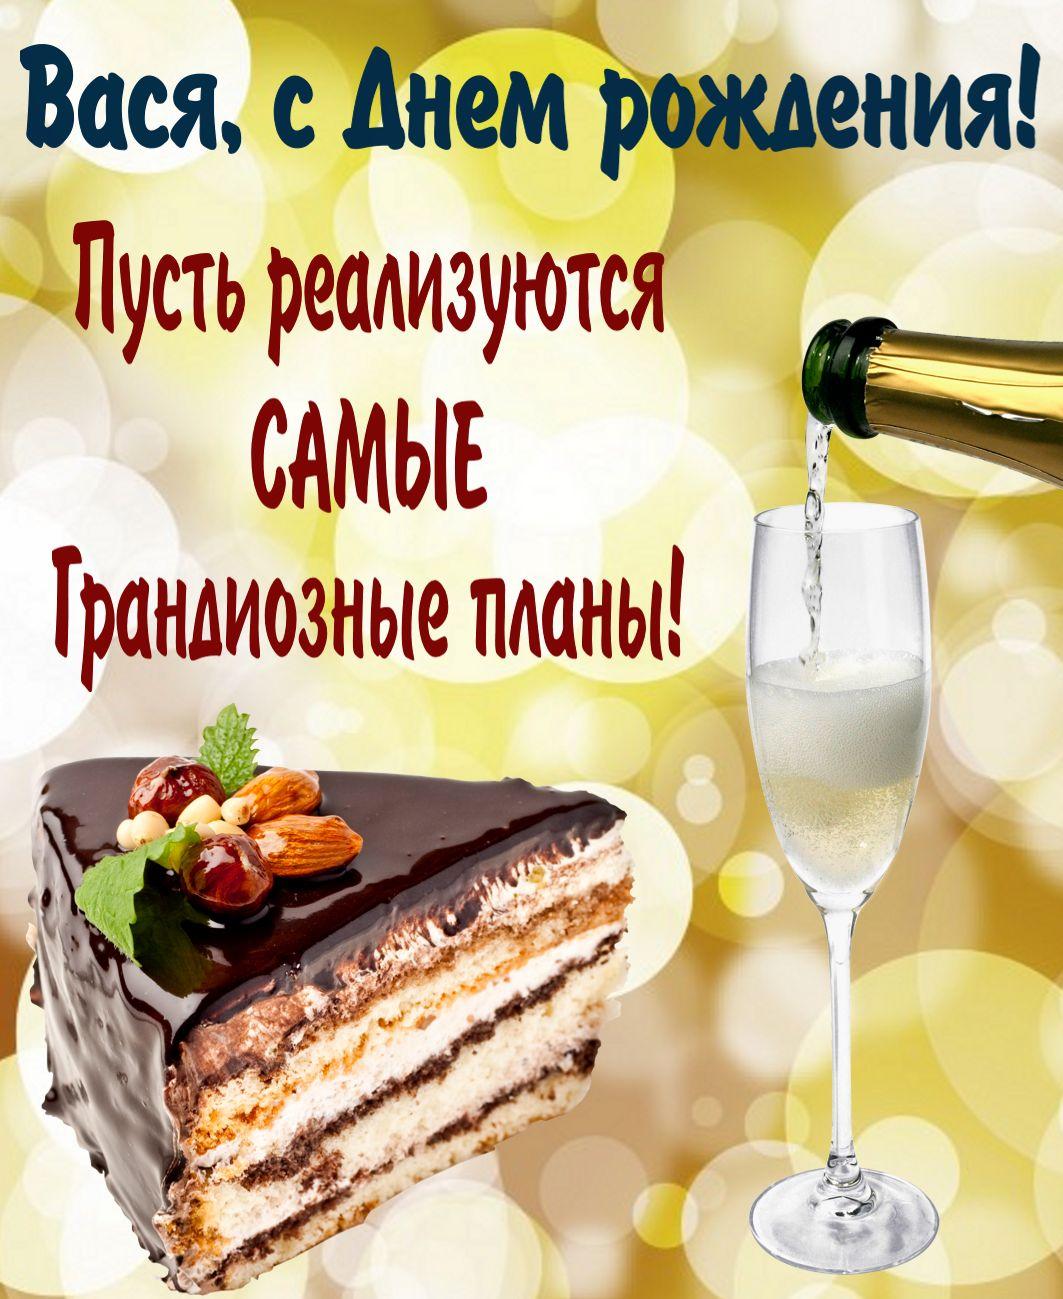 Поздравление антона с днем рождения открытки